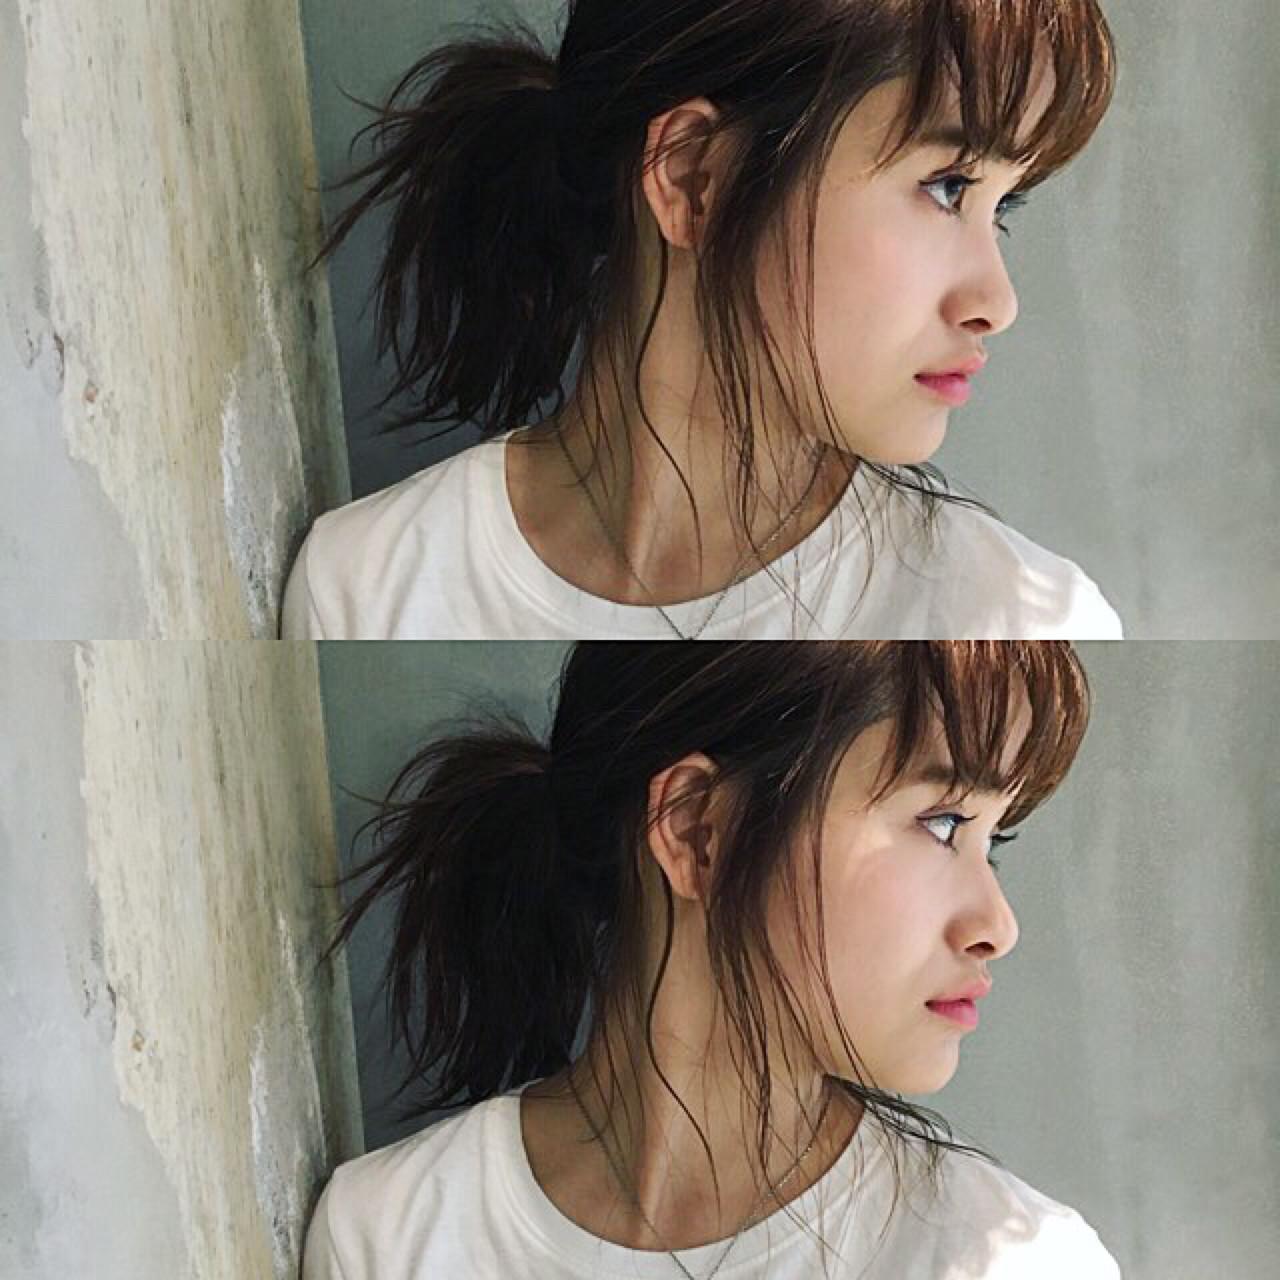 ポニーテール ヘアアレンジ ミディアム ストリート ヘアスタイルや髪型の写真・画像 | 金野 朋晃 / KATE omotesando